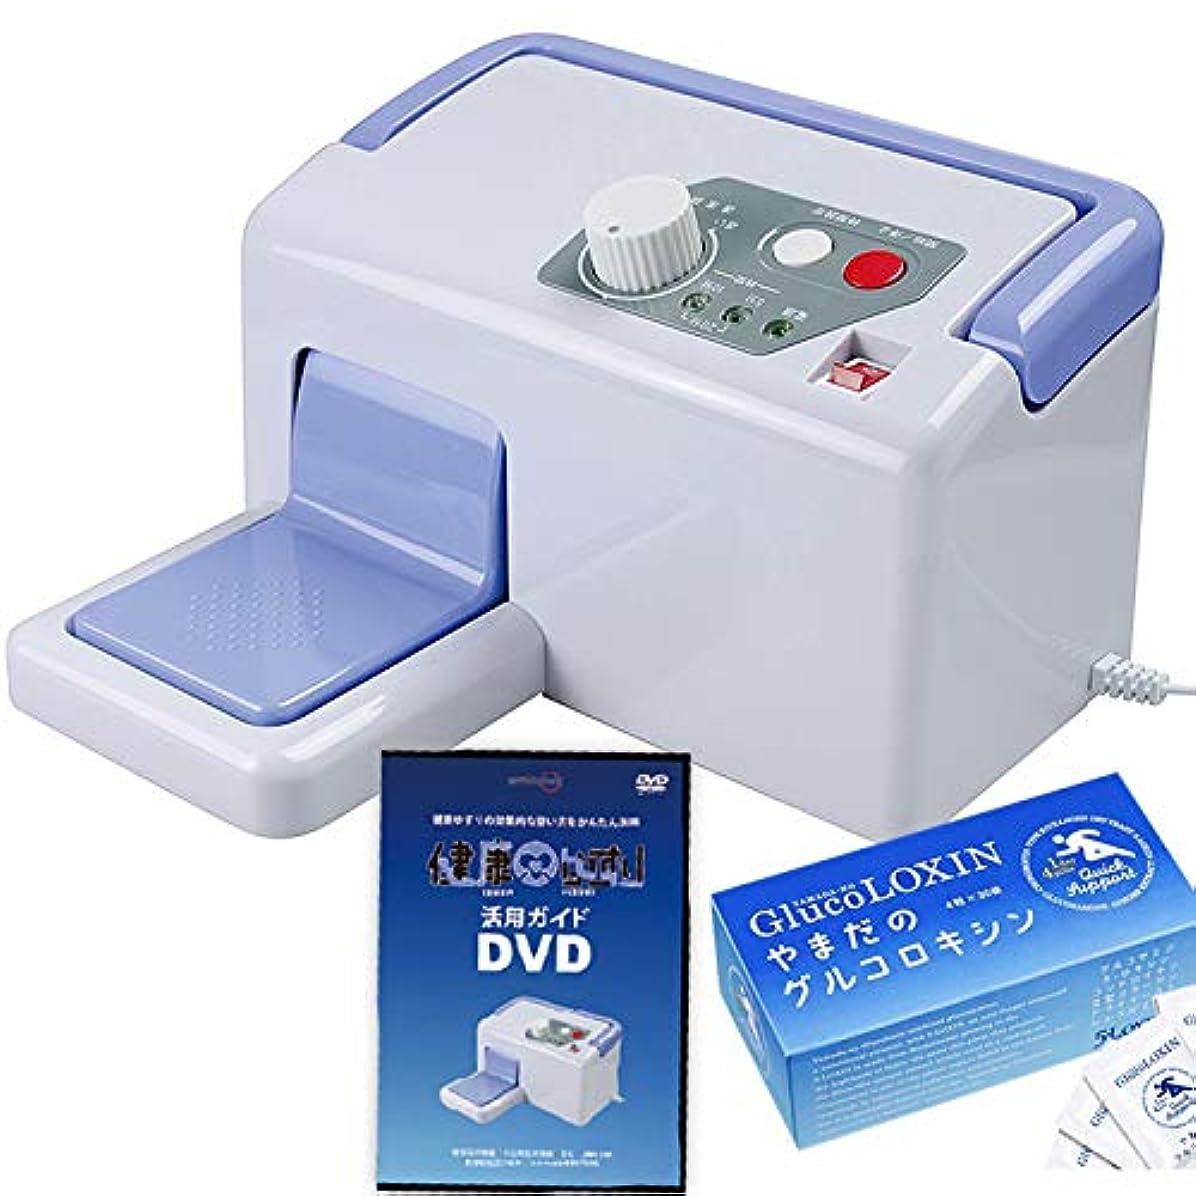 健康ゆすり JMH-100「活用ガイド」DVD特典付き グルコロキシン30包特典付き 1年間保証書 使用ガイド 5点セット